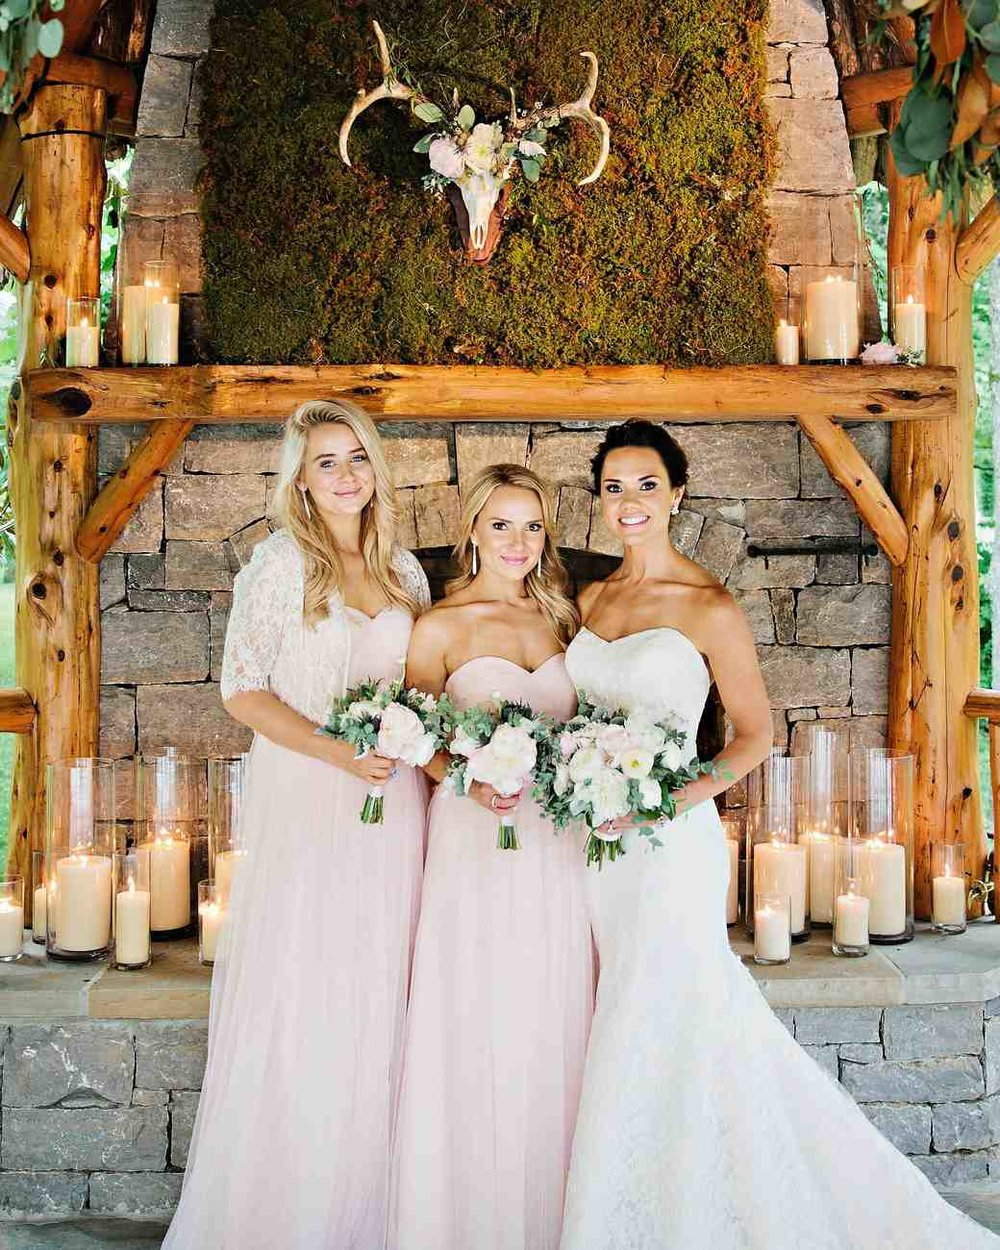 memree-rich-wedding-bridesmaids-243-6257086-0217_vert.jpg